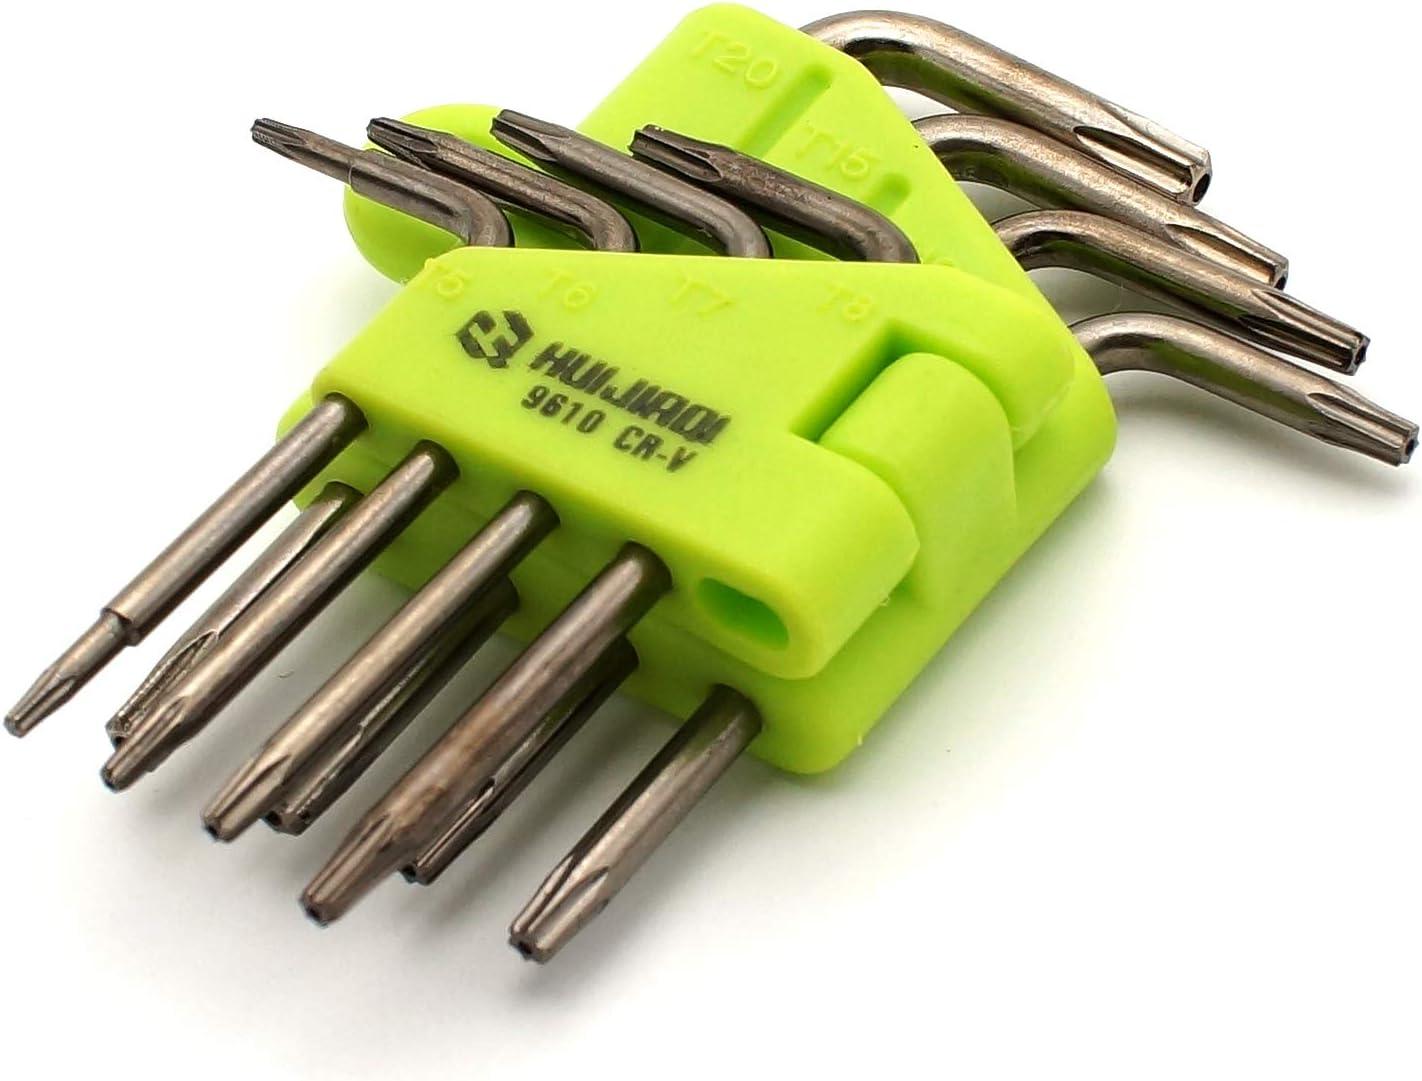 8/unidades llave hexagonal Juego de destornilladores Torx COHK brazo largo